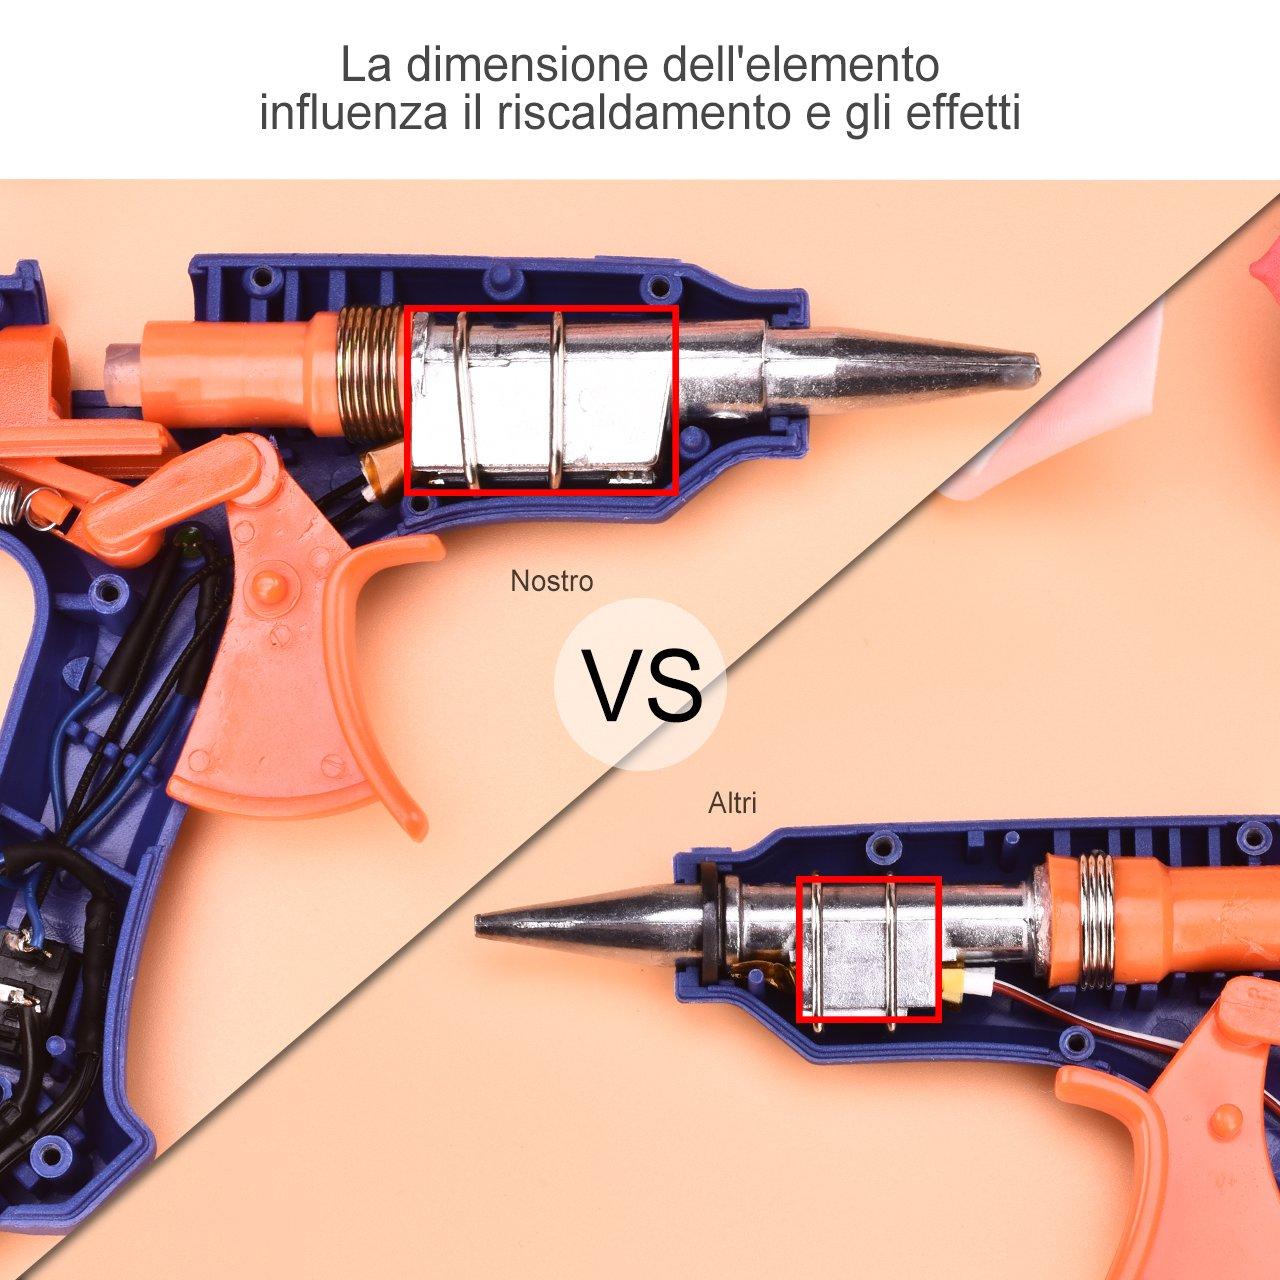 Pistola Colla a Caldo,TopElek Mini Pistola a Caldo con 50 Pezzi Stick di Colla Alta Temperatura Pistola a Colla Grilletto Flessibile Per Fai Da Te Arti e Mestieri Progetti 20W, Nero 50-Pezzi-Stick